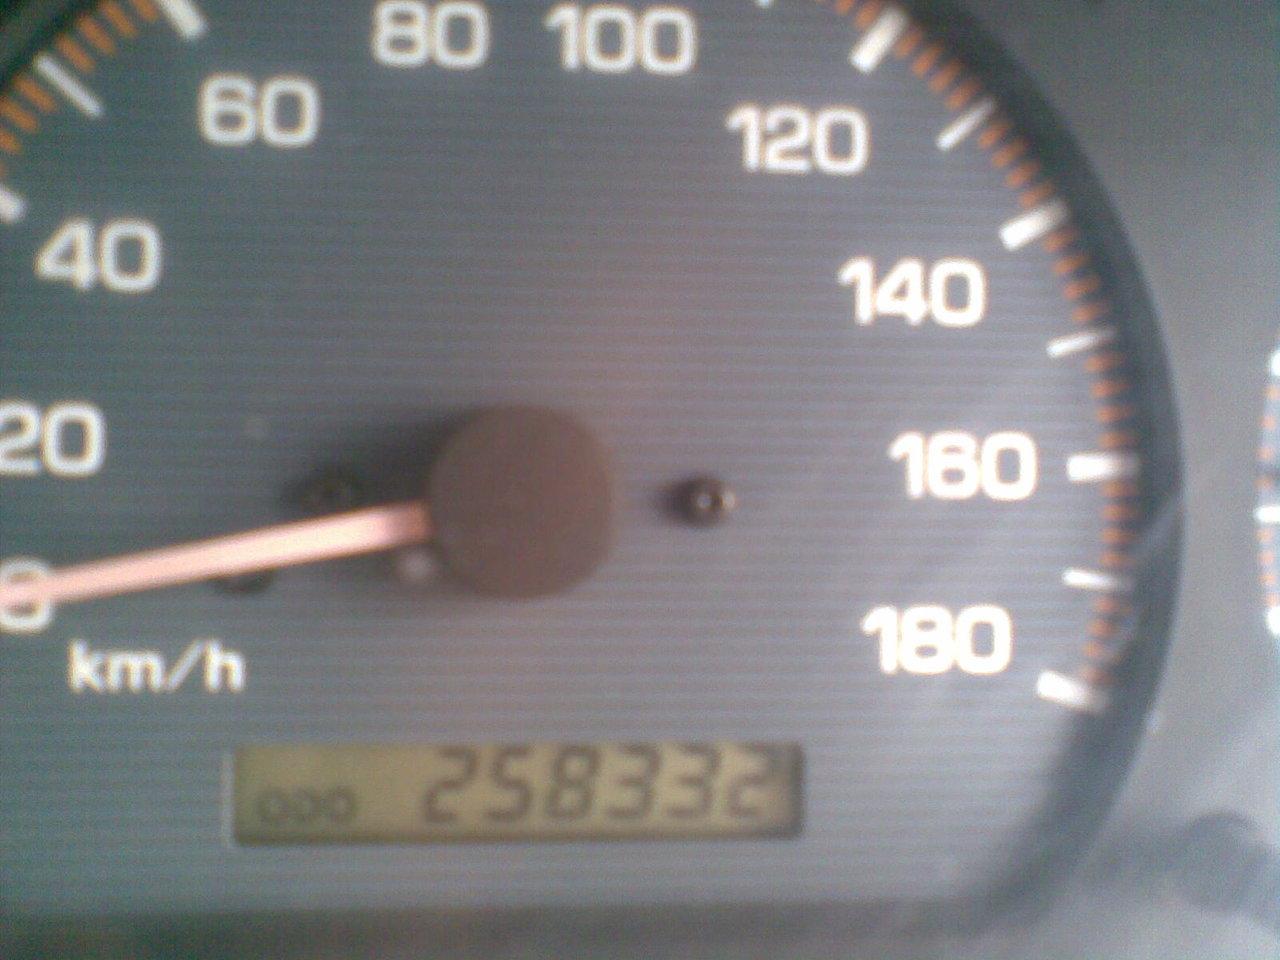 mazda demio 1999 г. сегодня ехал и на резком повороте скрежит и больше не едит